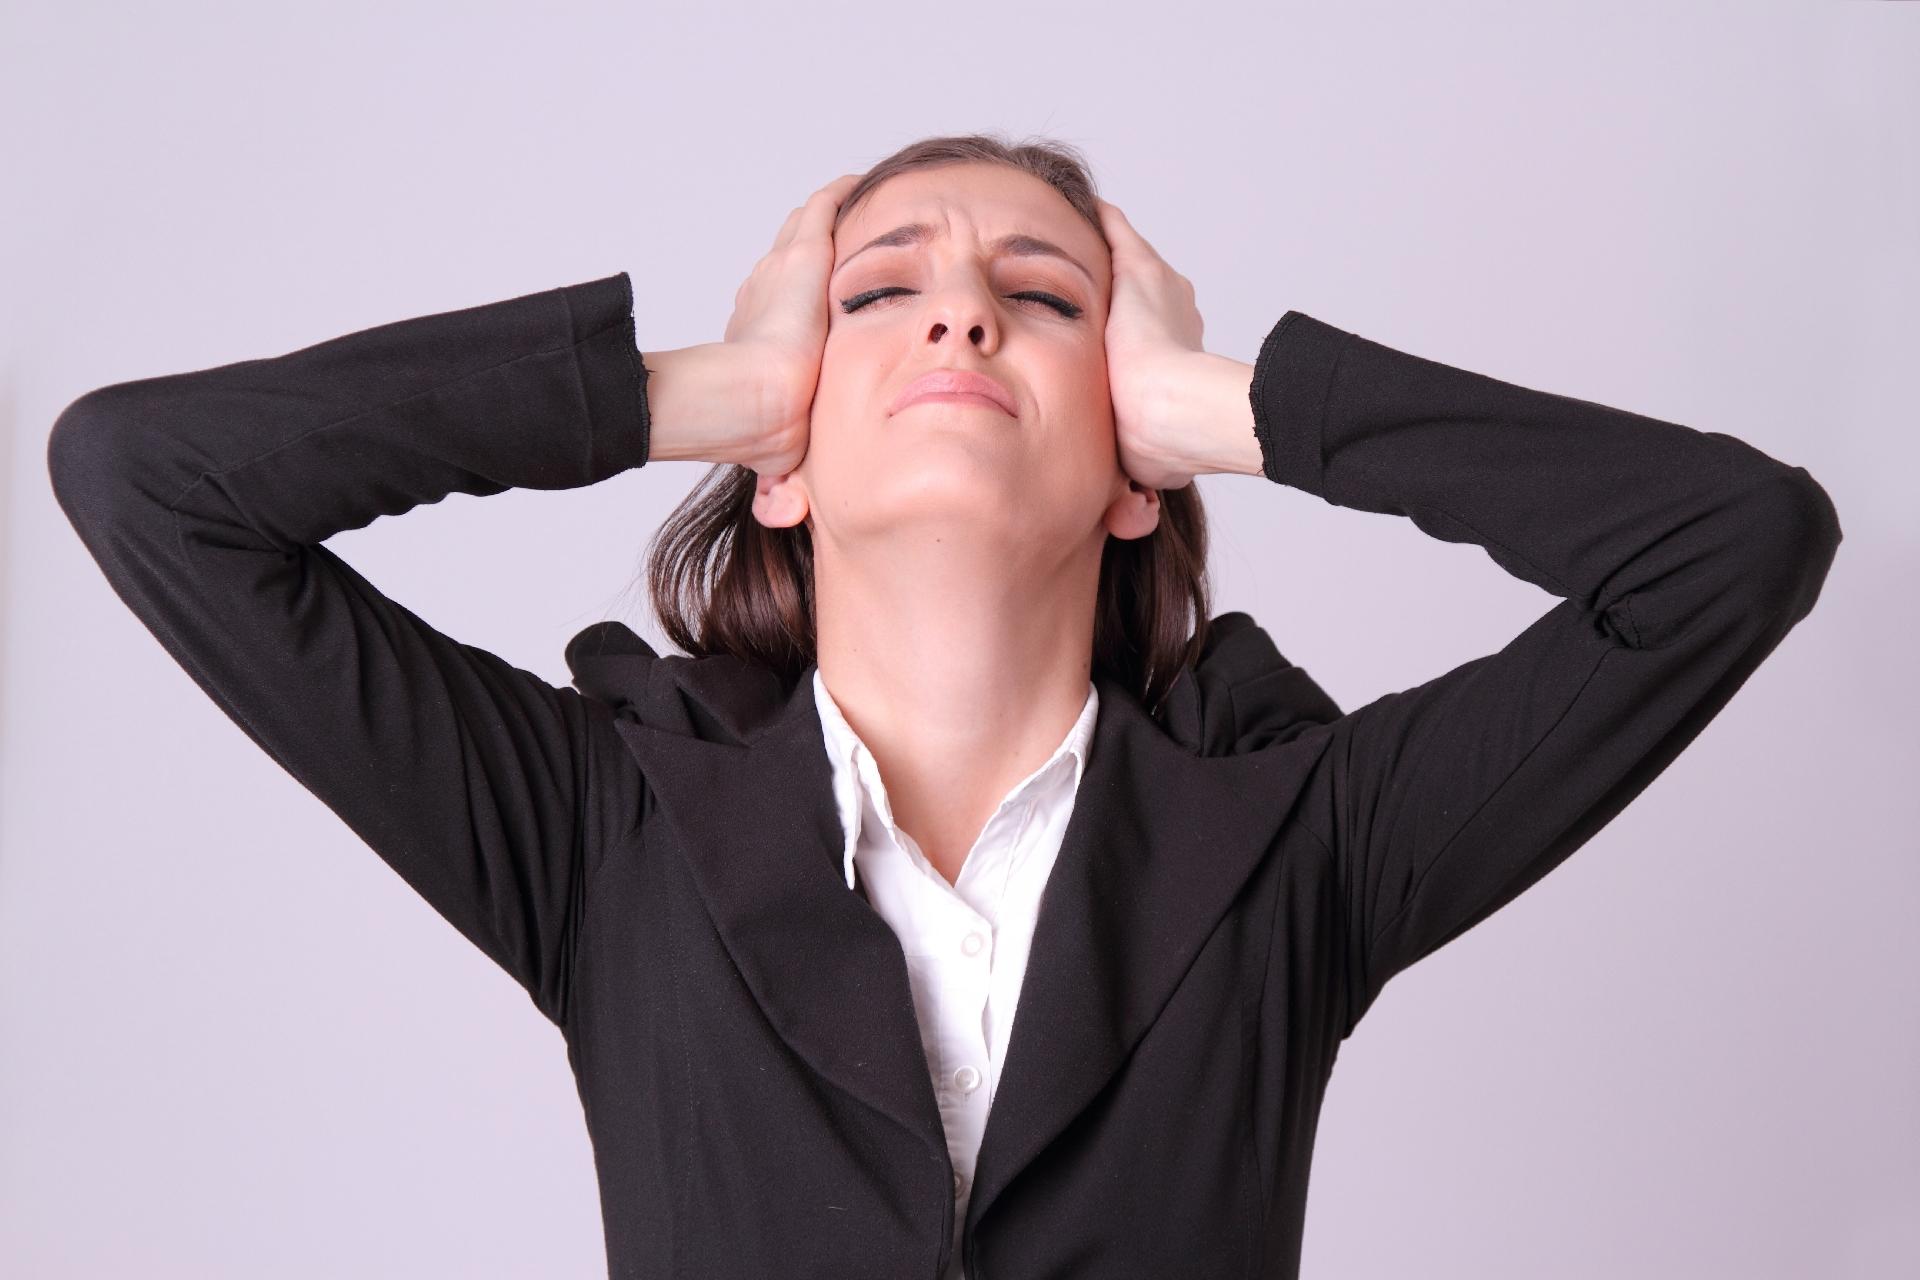 プログラミングで挫折する人にありがちな3つの特徴